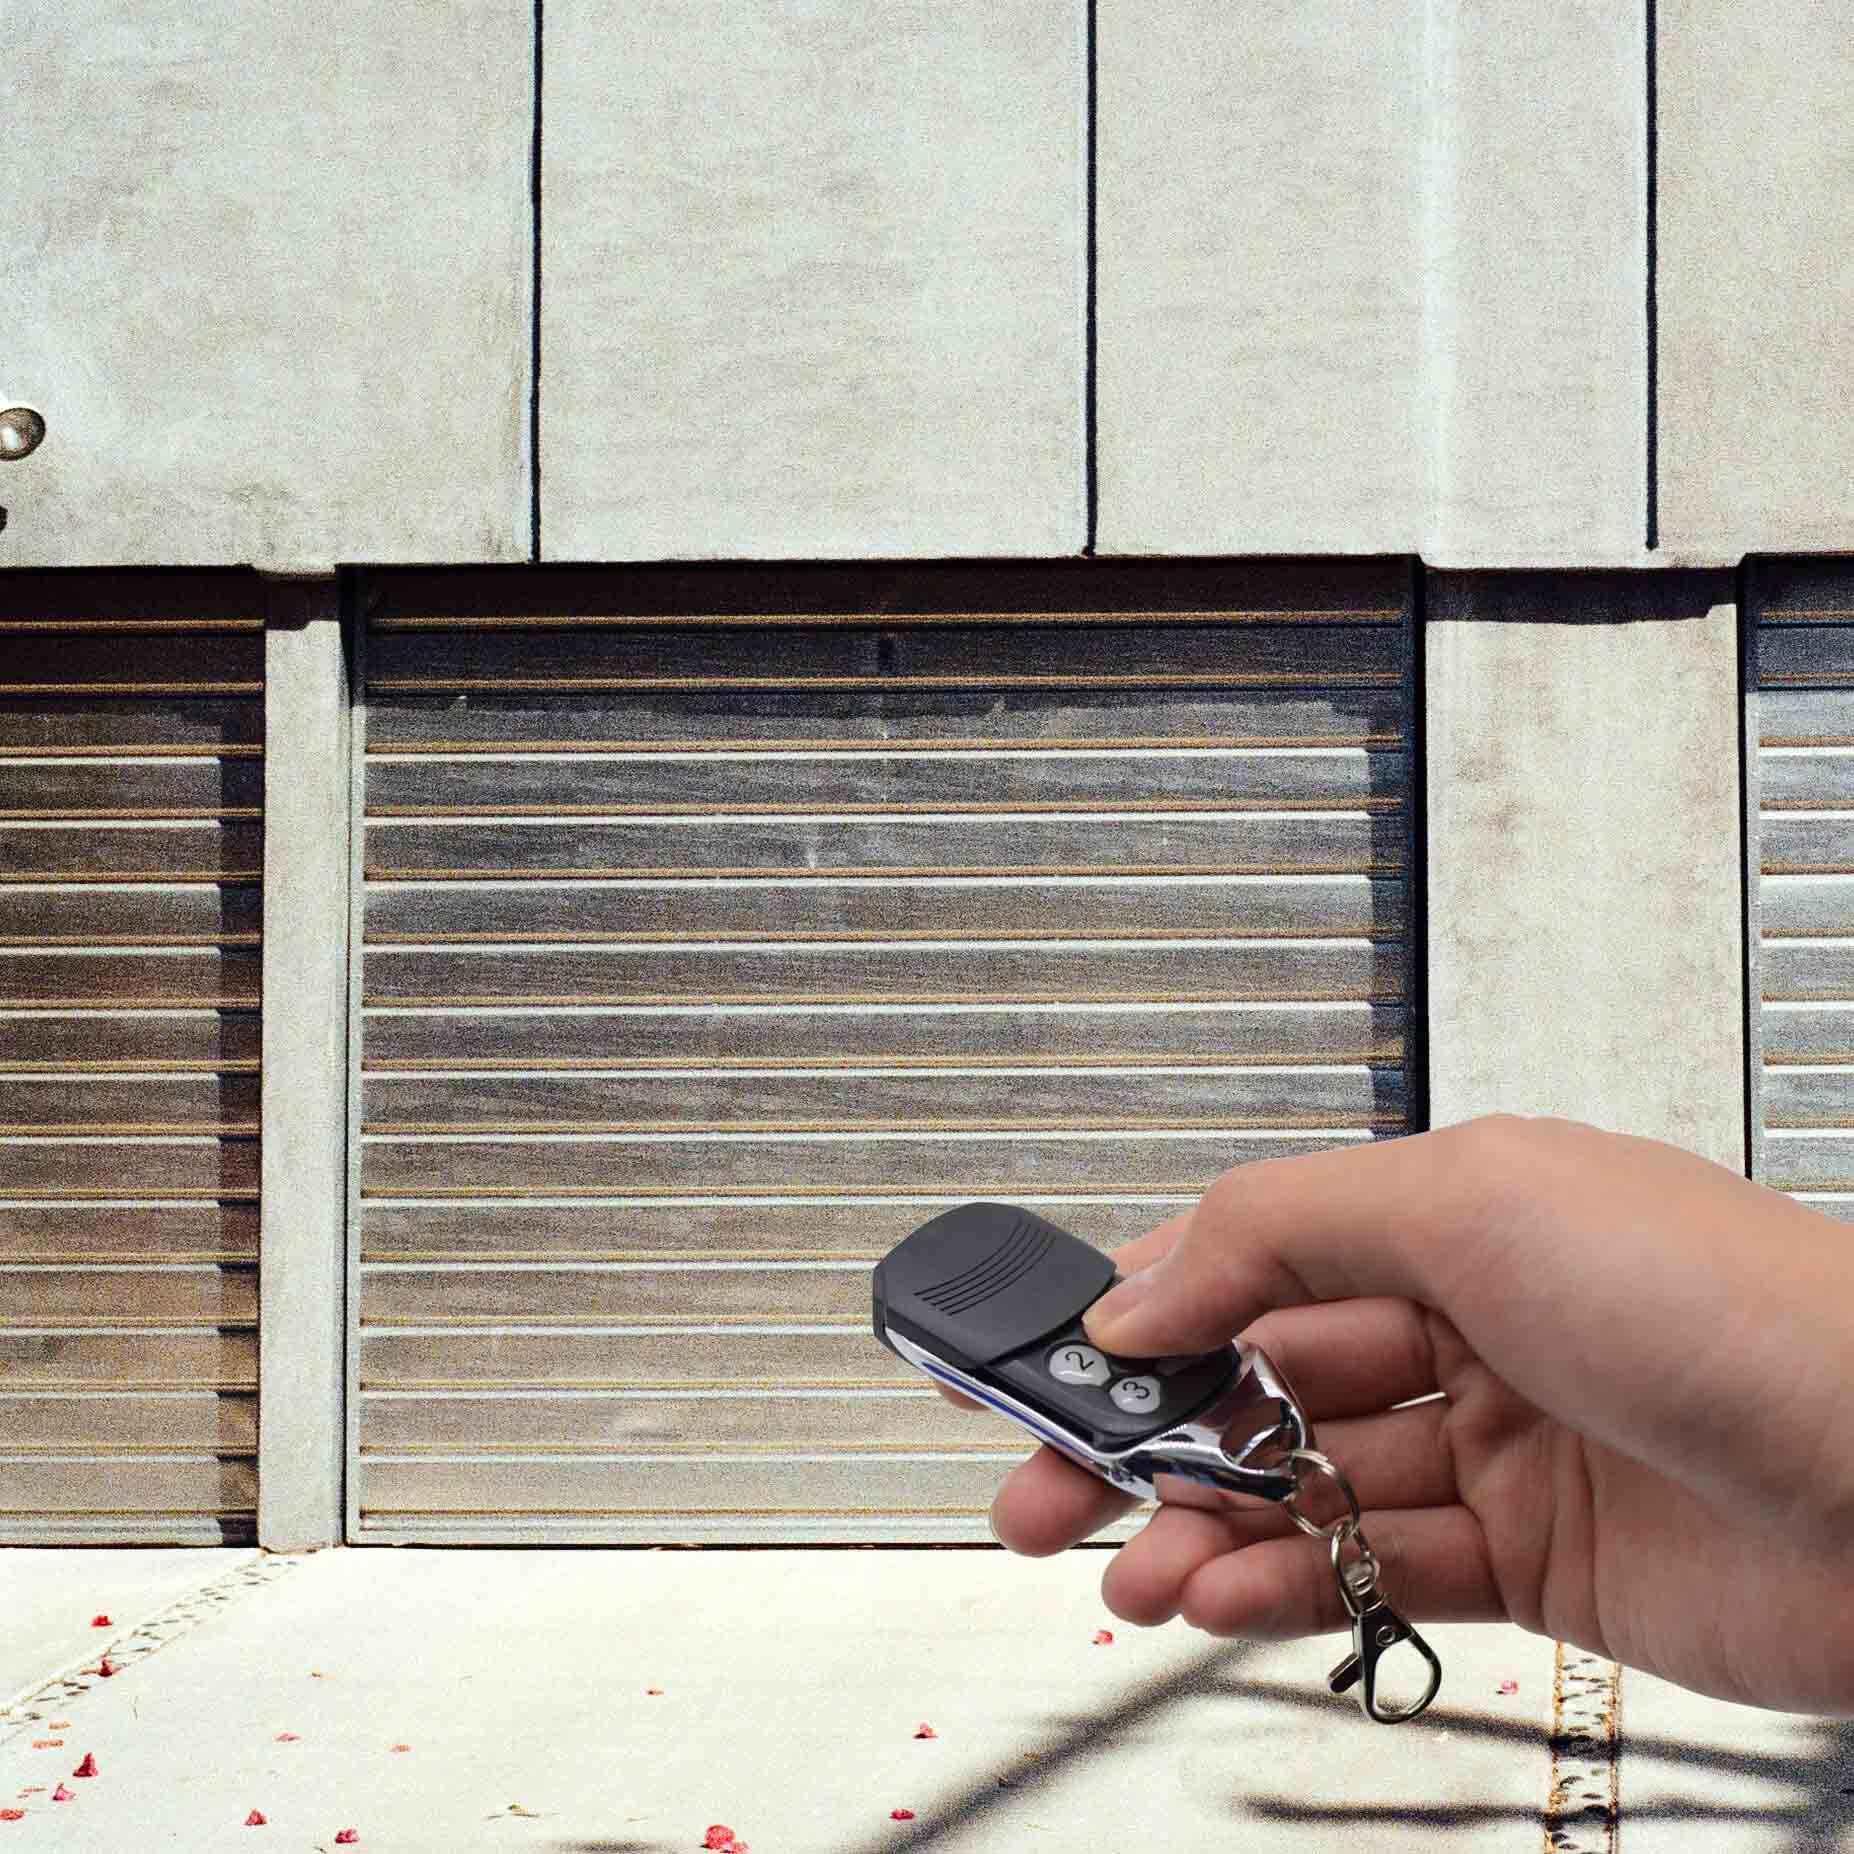 SOMFY Keytis NS 2/4 RTS Keytis 4/2 RTS điều khiển từ xa nhà để xe mở cửa SOMFY từ xa nhà để xe lăn Mã nhà để xe chỉ huy